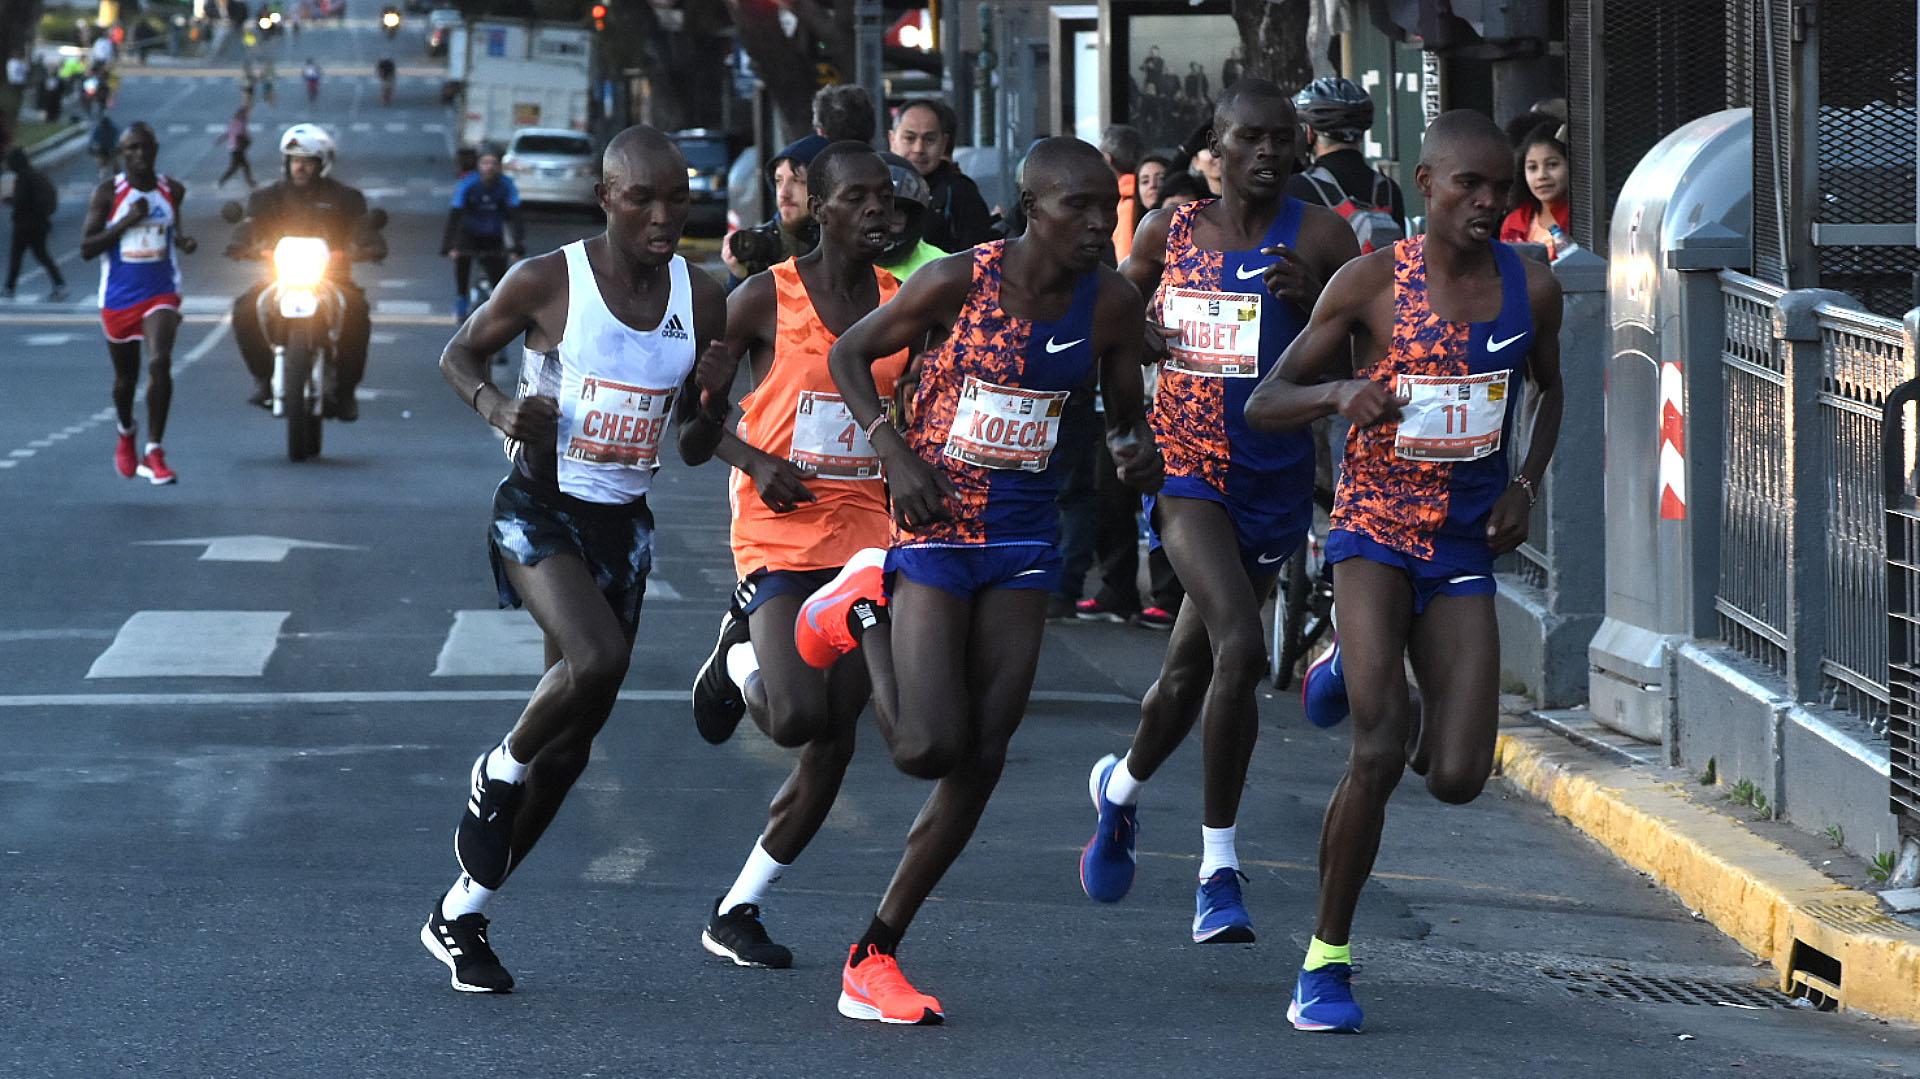 Uno de los grupos de corredores africanos que participó en la maratón de Buenos Aires